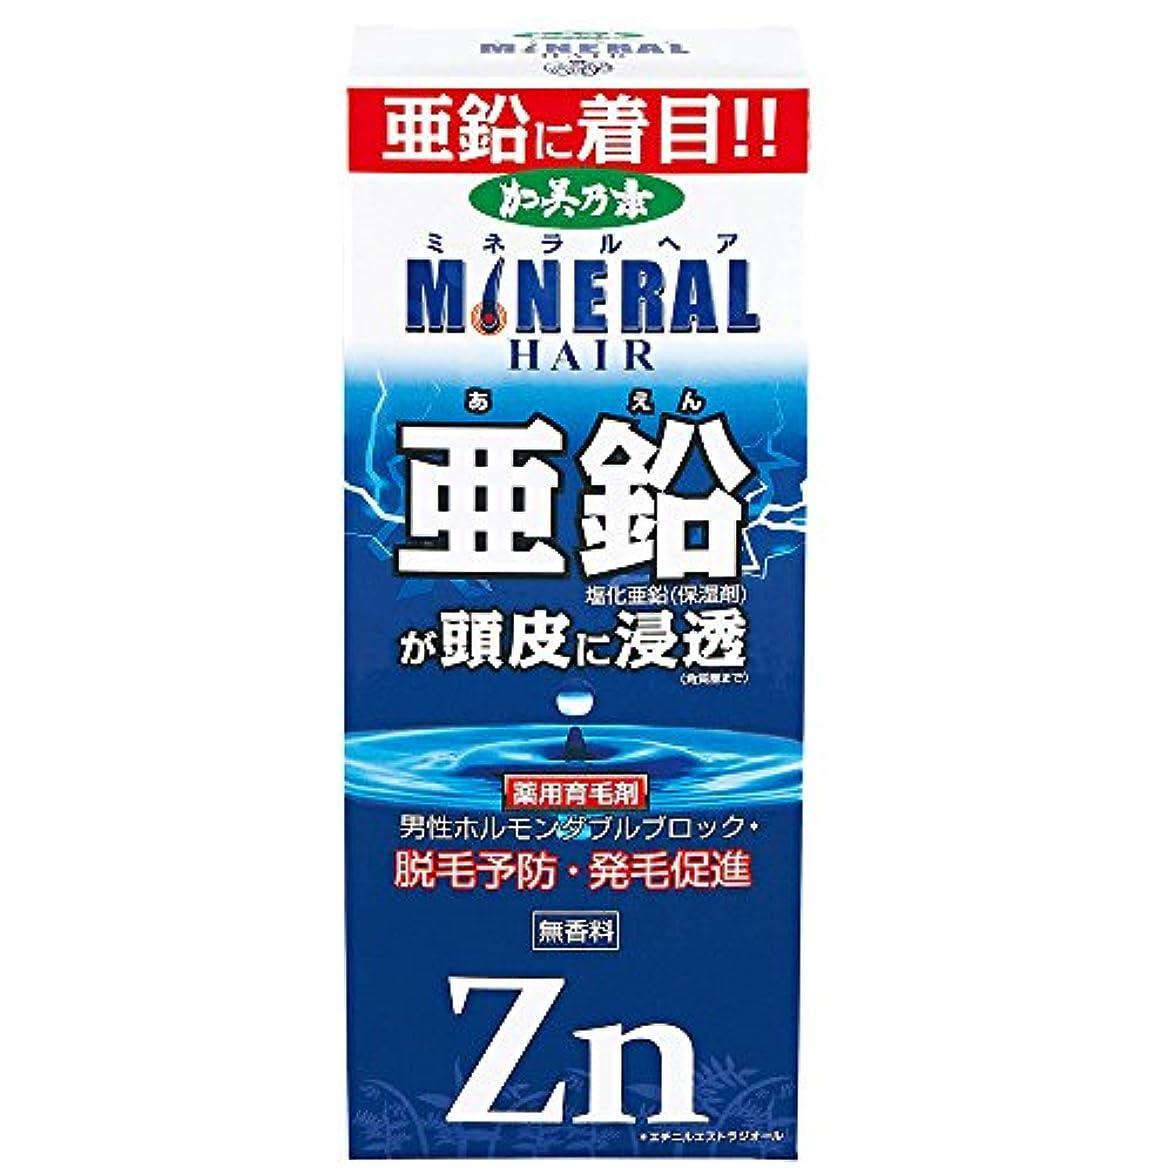 決定ハッチルーキー薬用加美乃素 ミネラルヘア 育毛剤 180mL (医薬部外品)